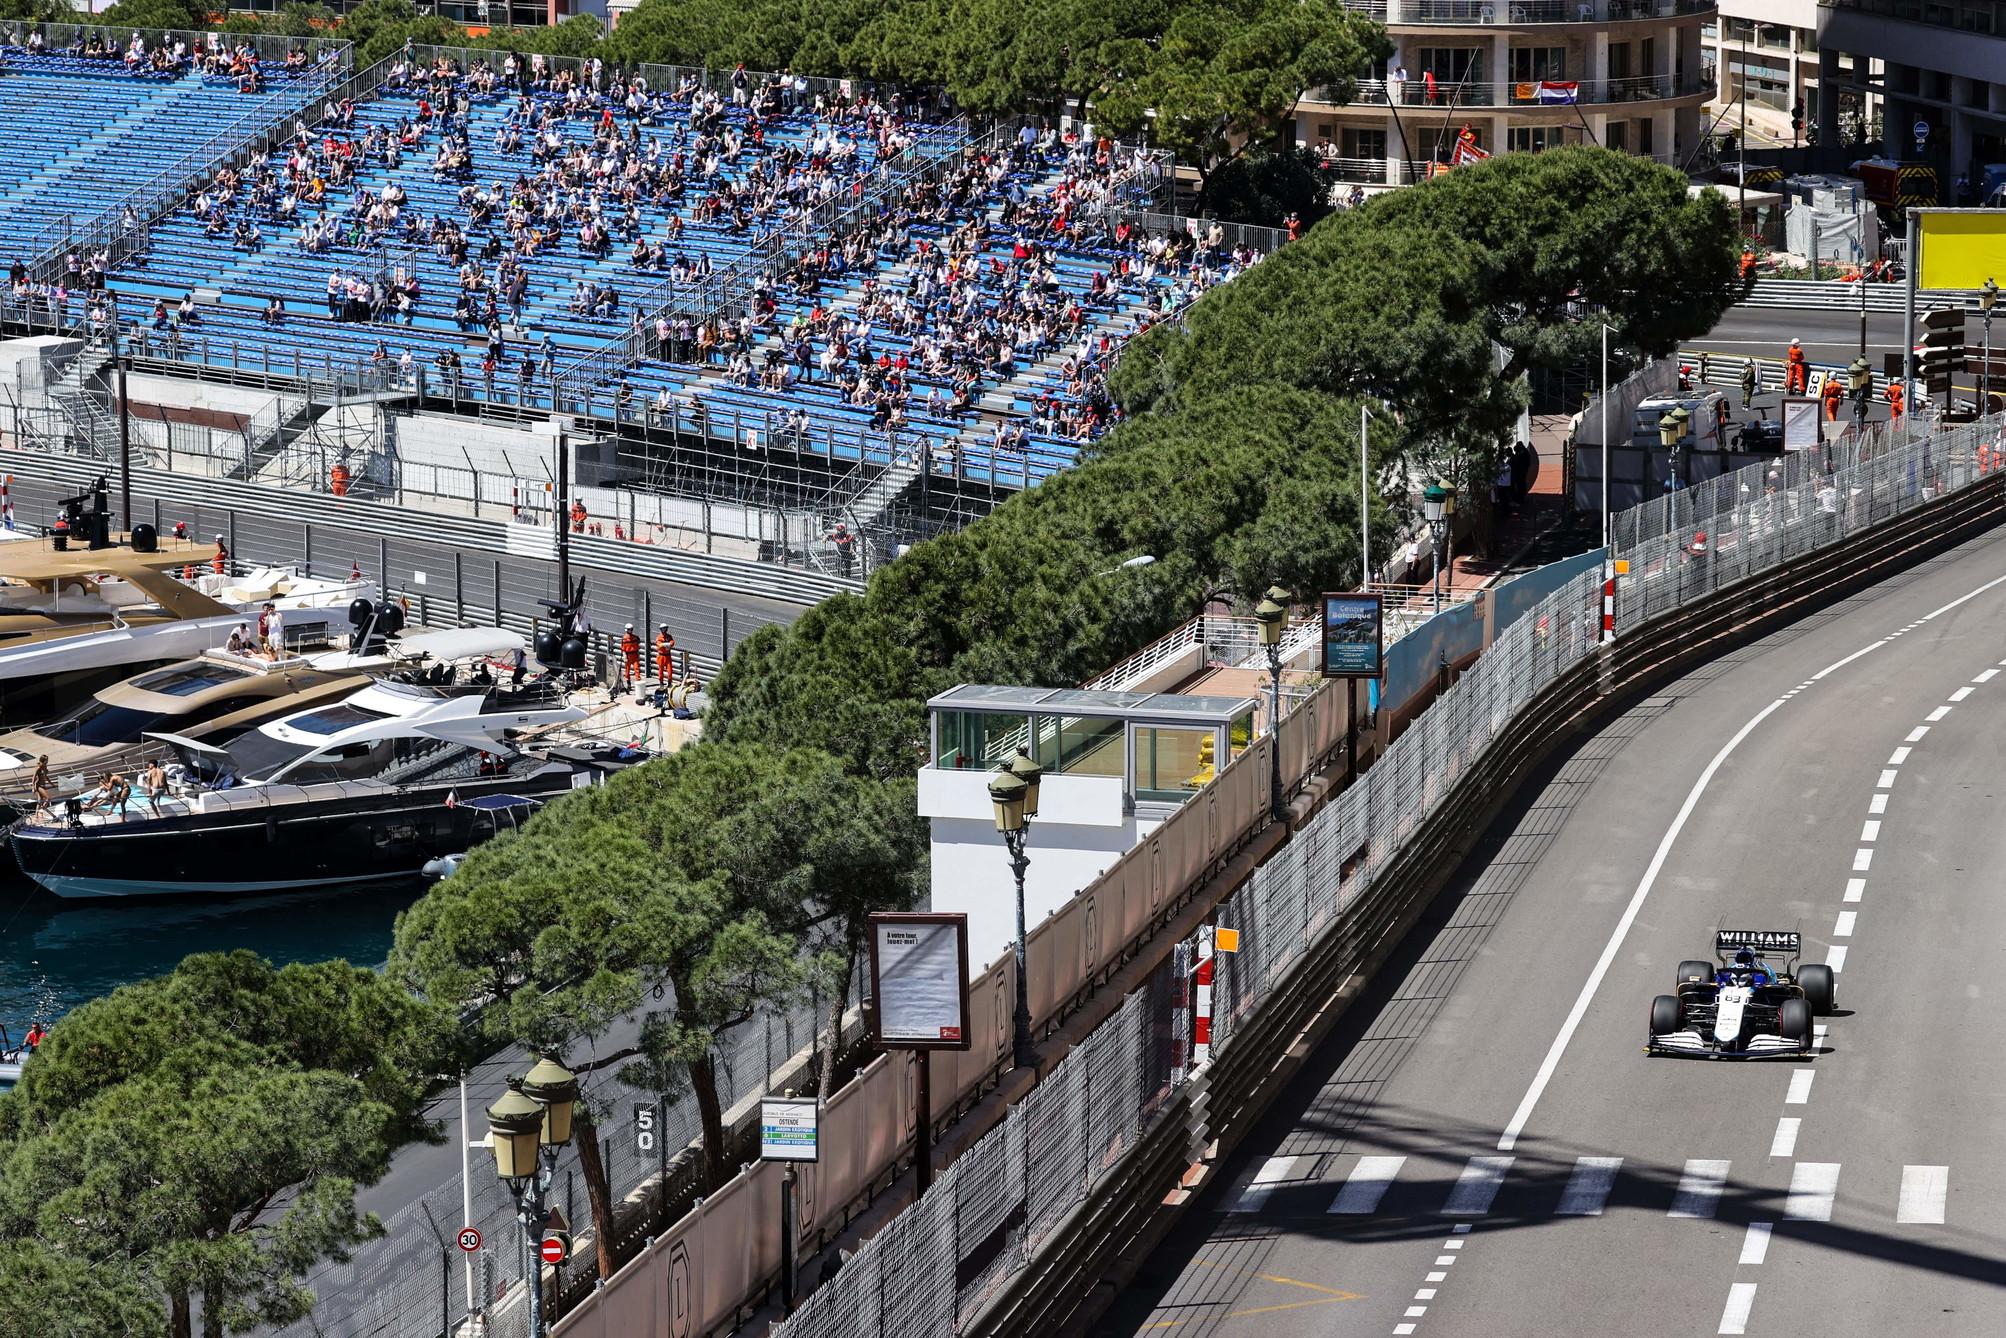 Prima giornata di libere per il GP di Monaco, che torna dopo lo stop dell&#39;anno scorso causa Covid.<br /><br />